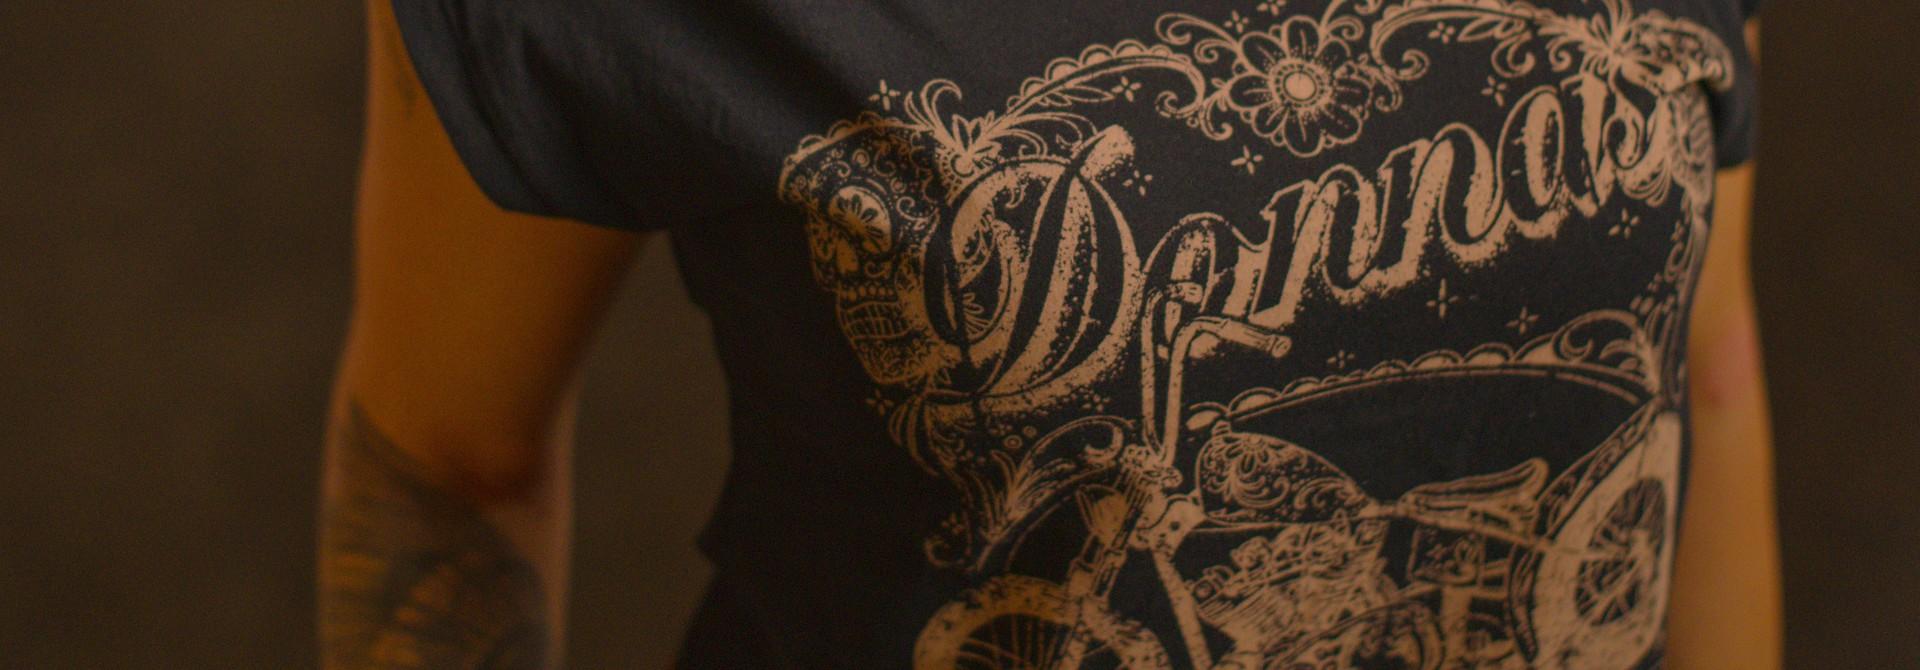 Rokker Donna's Garage Loose Black